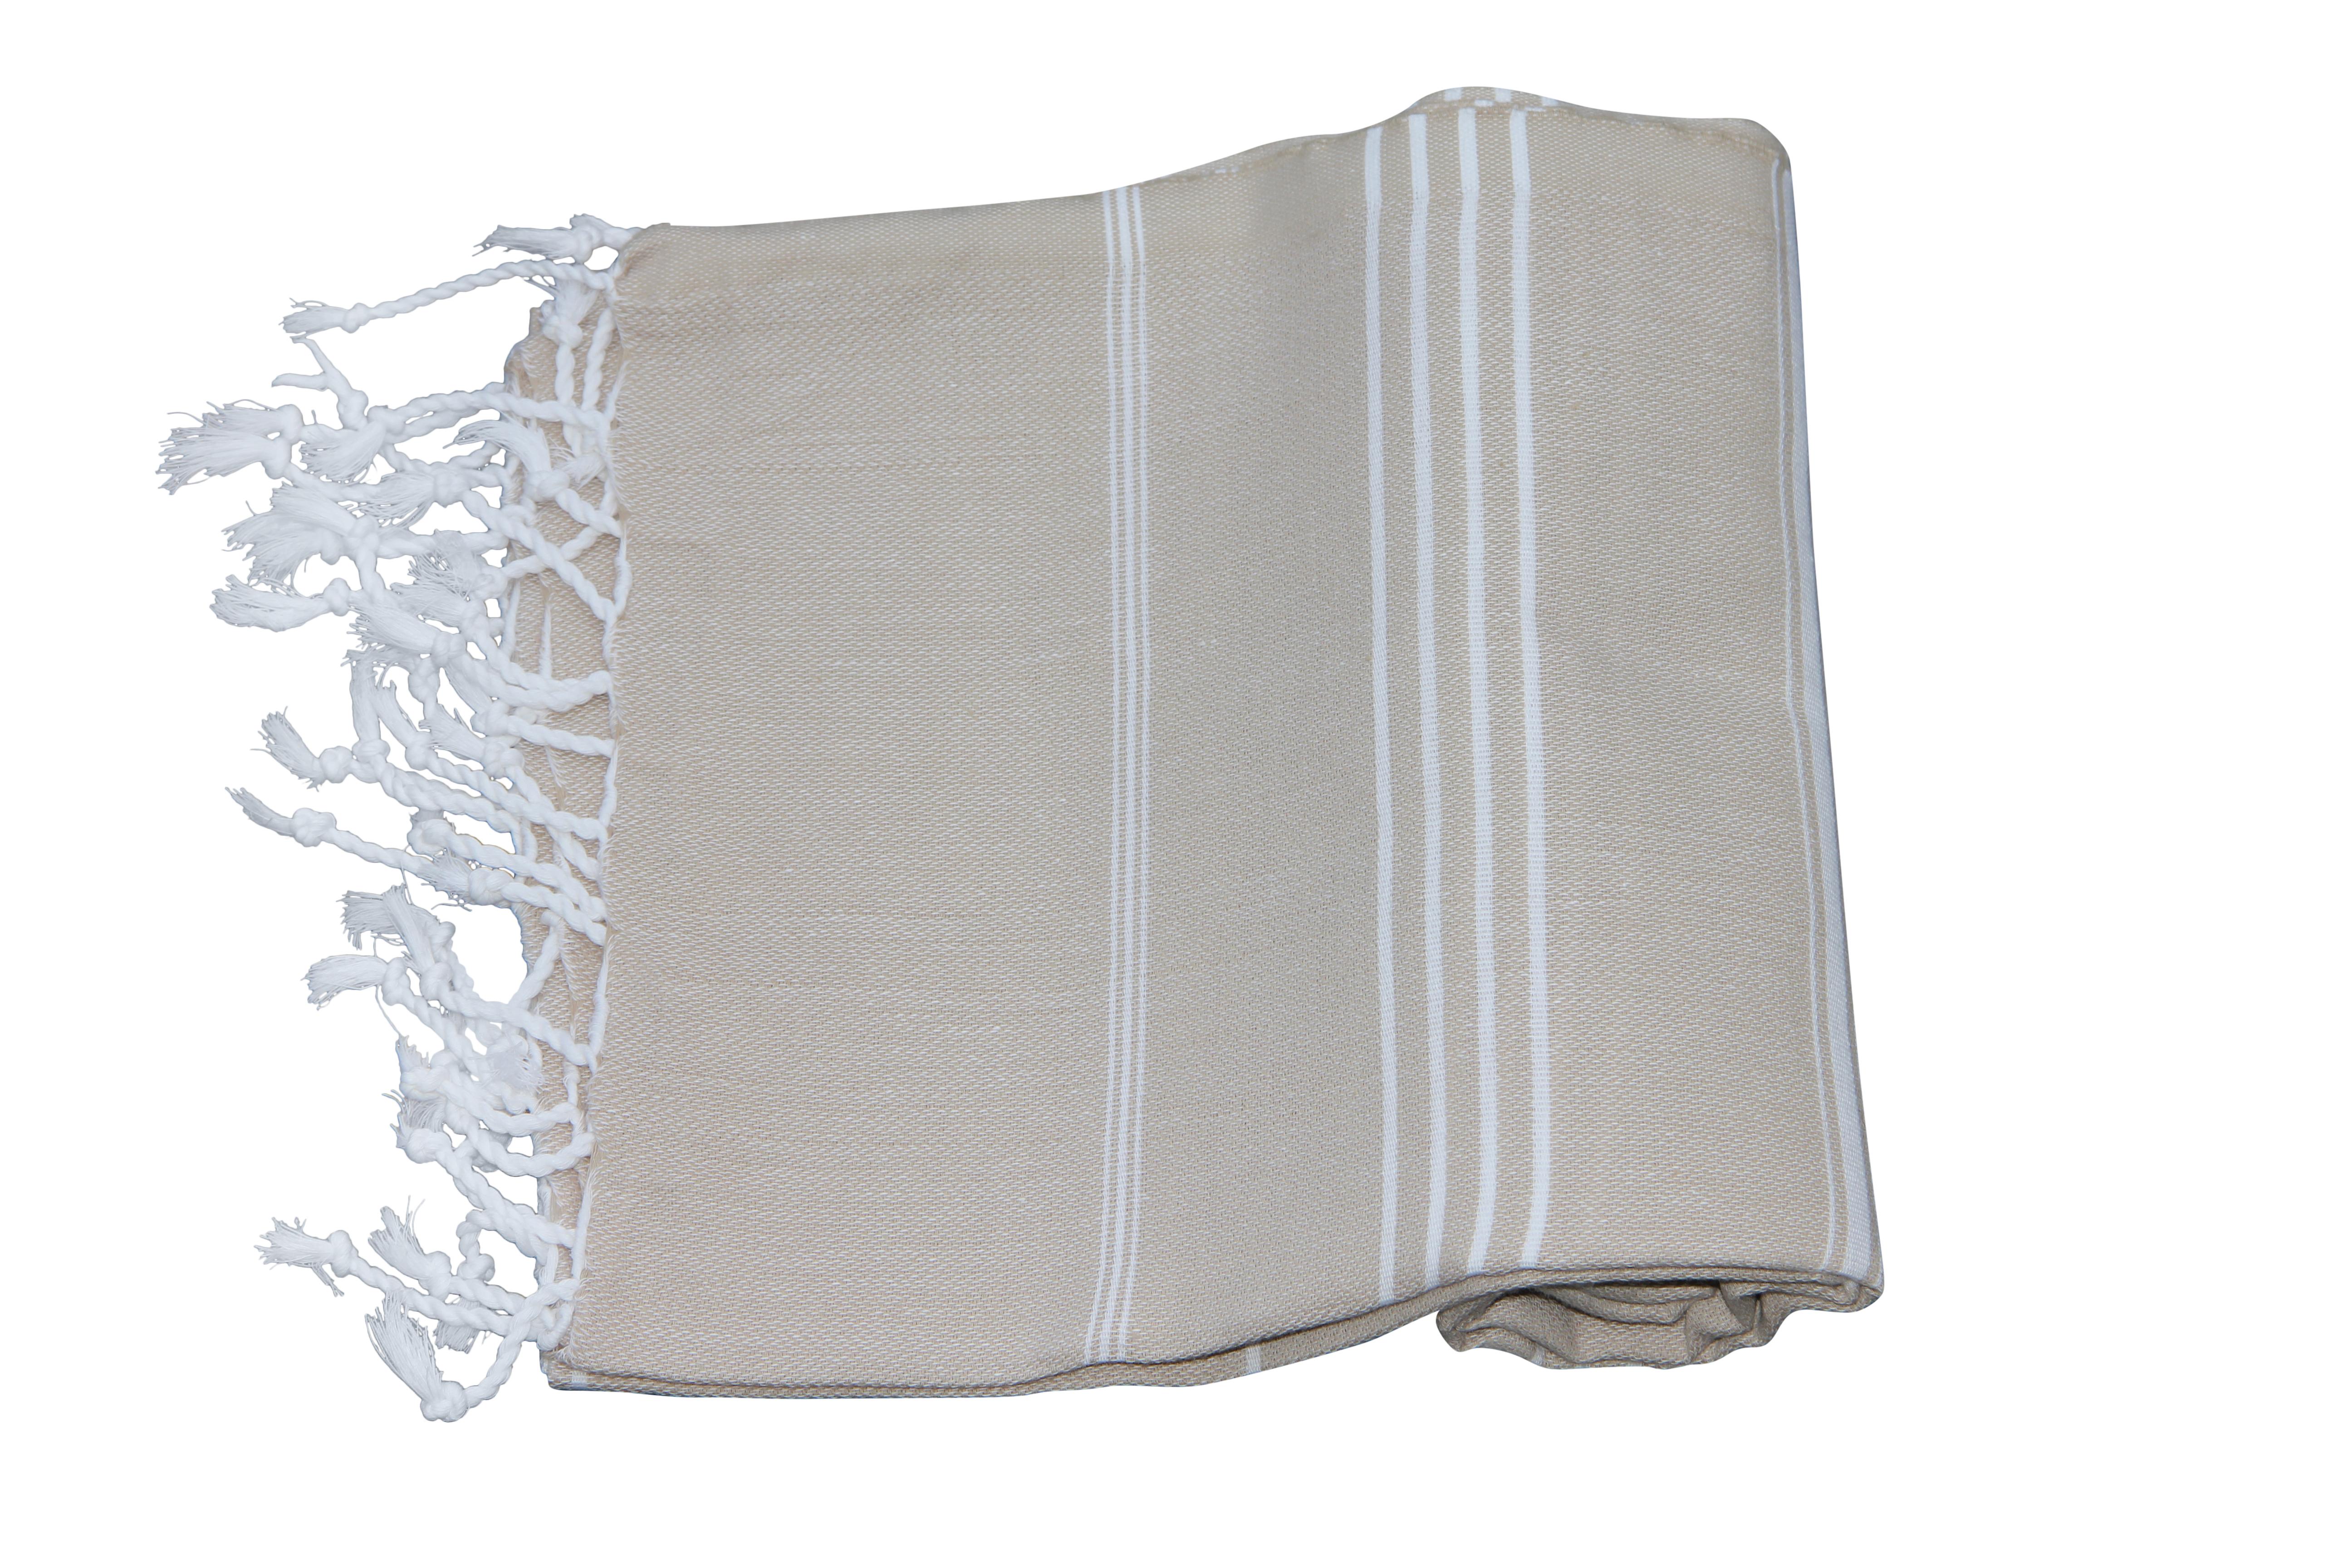 Afbeelding van hamamdoek beige 100% katoen (180cm x 100cm) 100% geweven katoenen